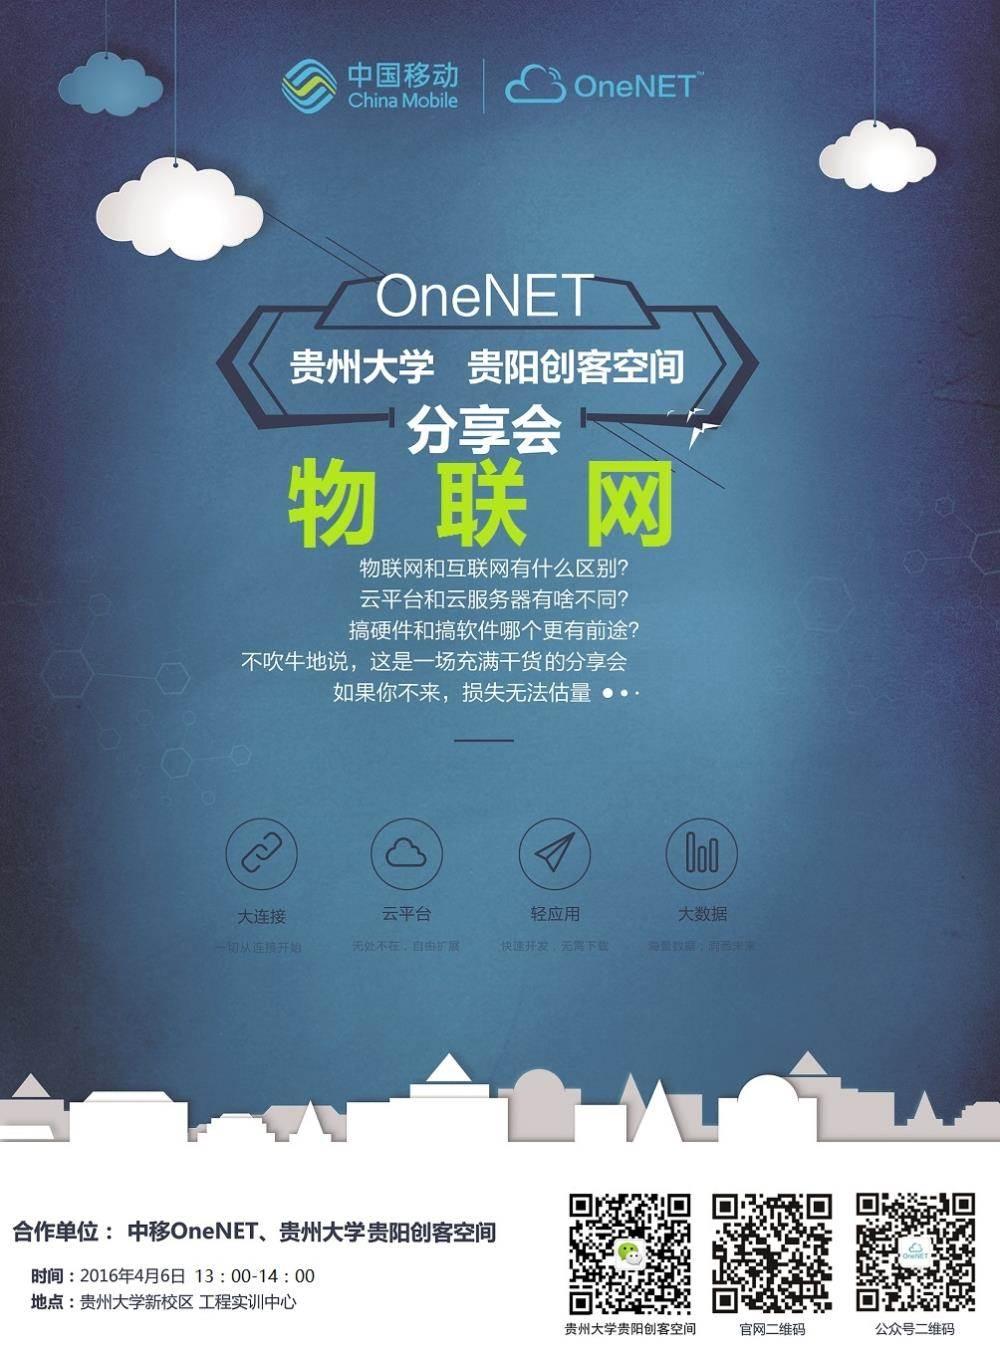 为中小企业客户物联网应用需求提供数据